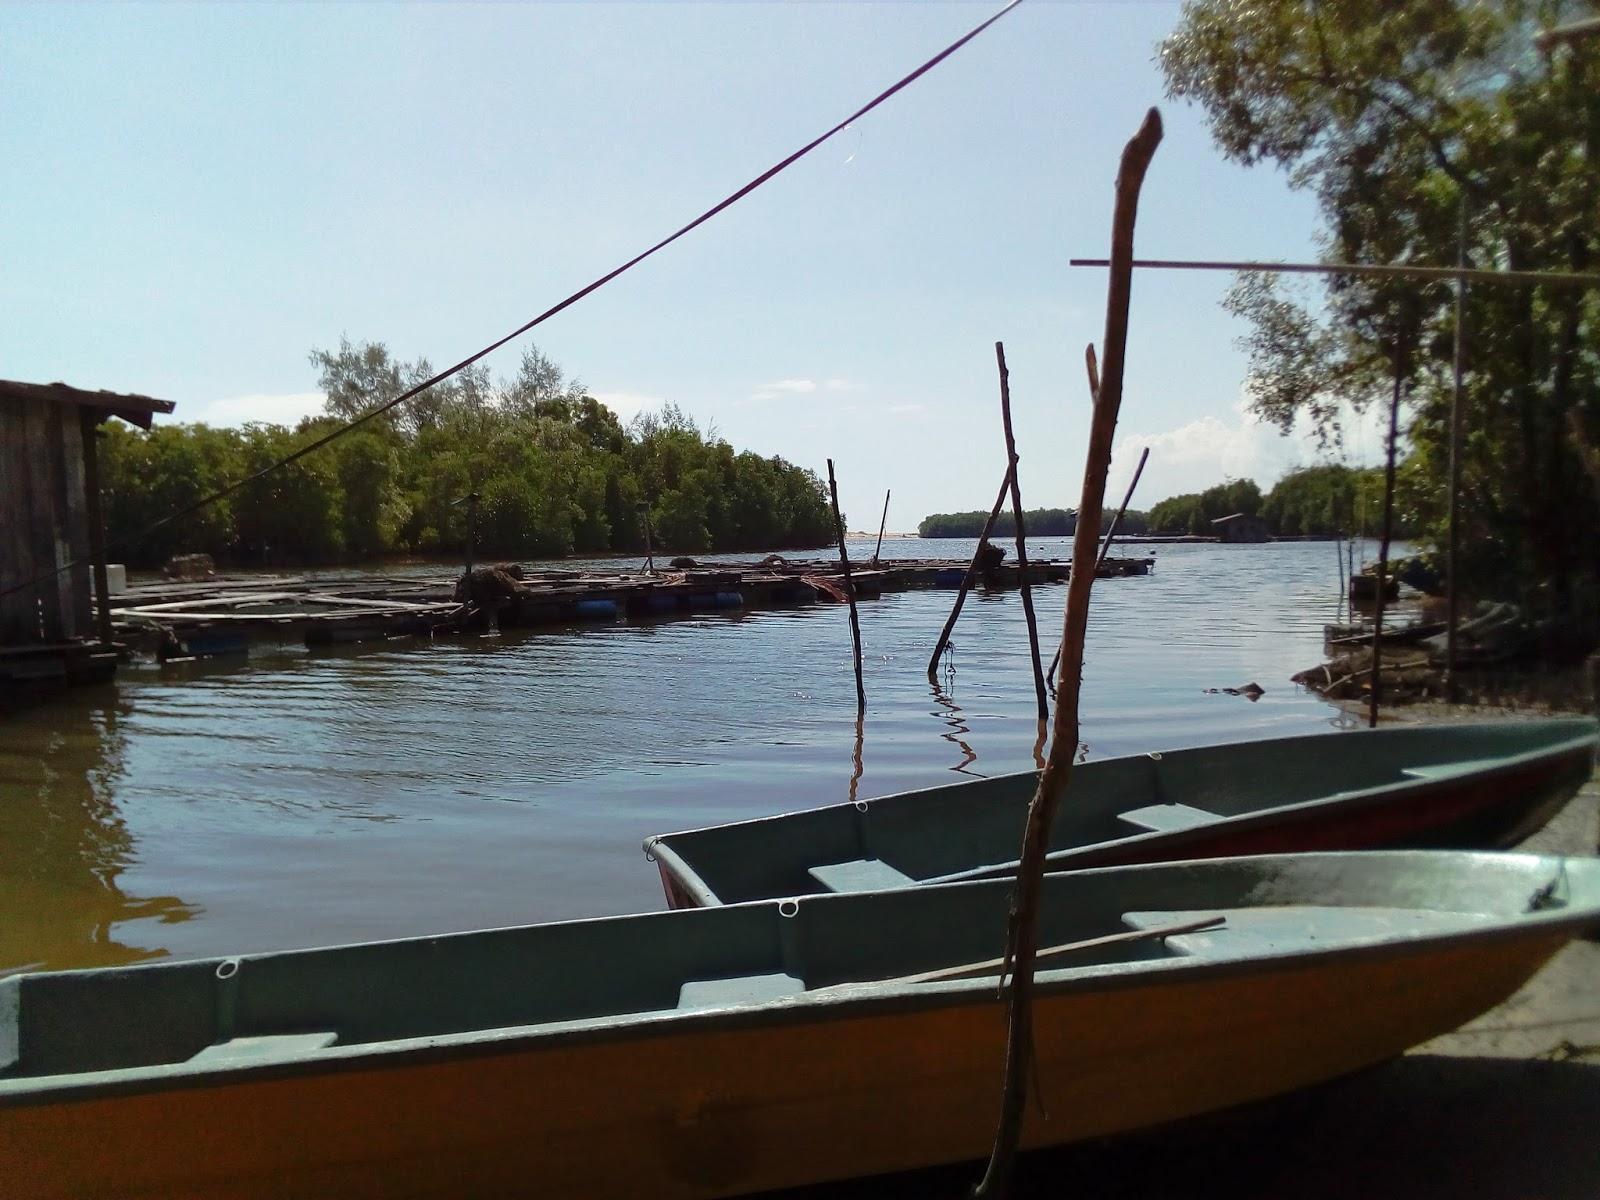 Kembara KBBA9 Ke Peladang Setiu Agro Resort - Part 3